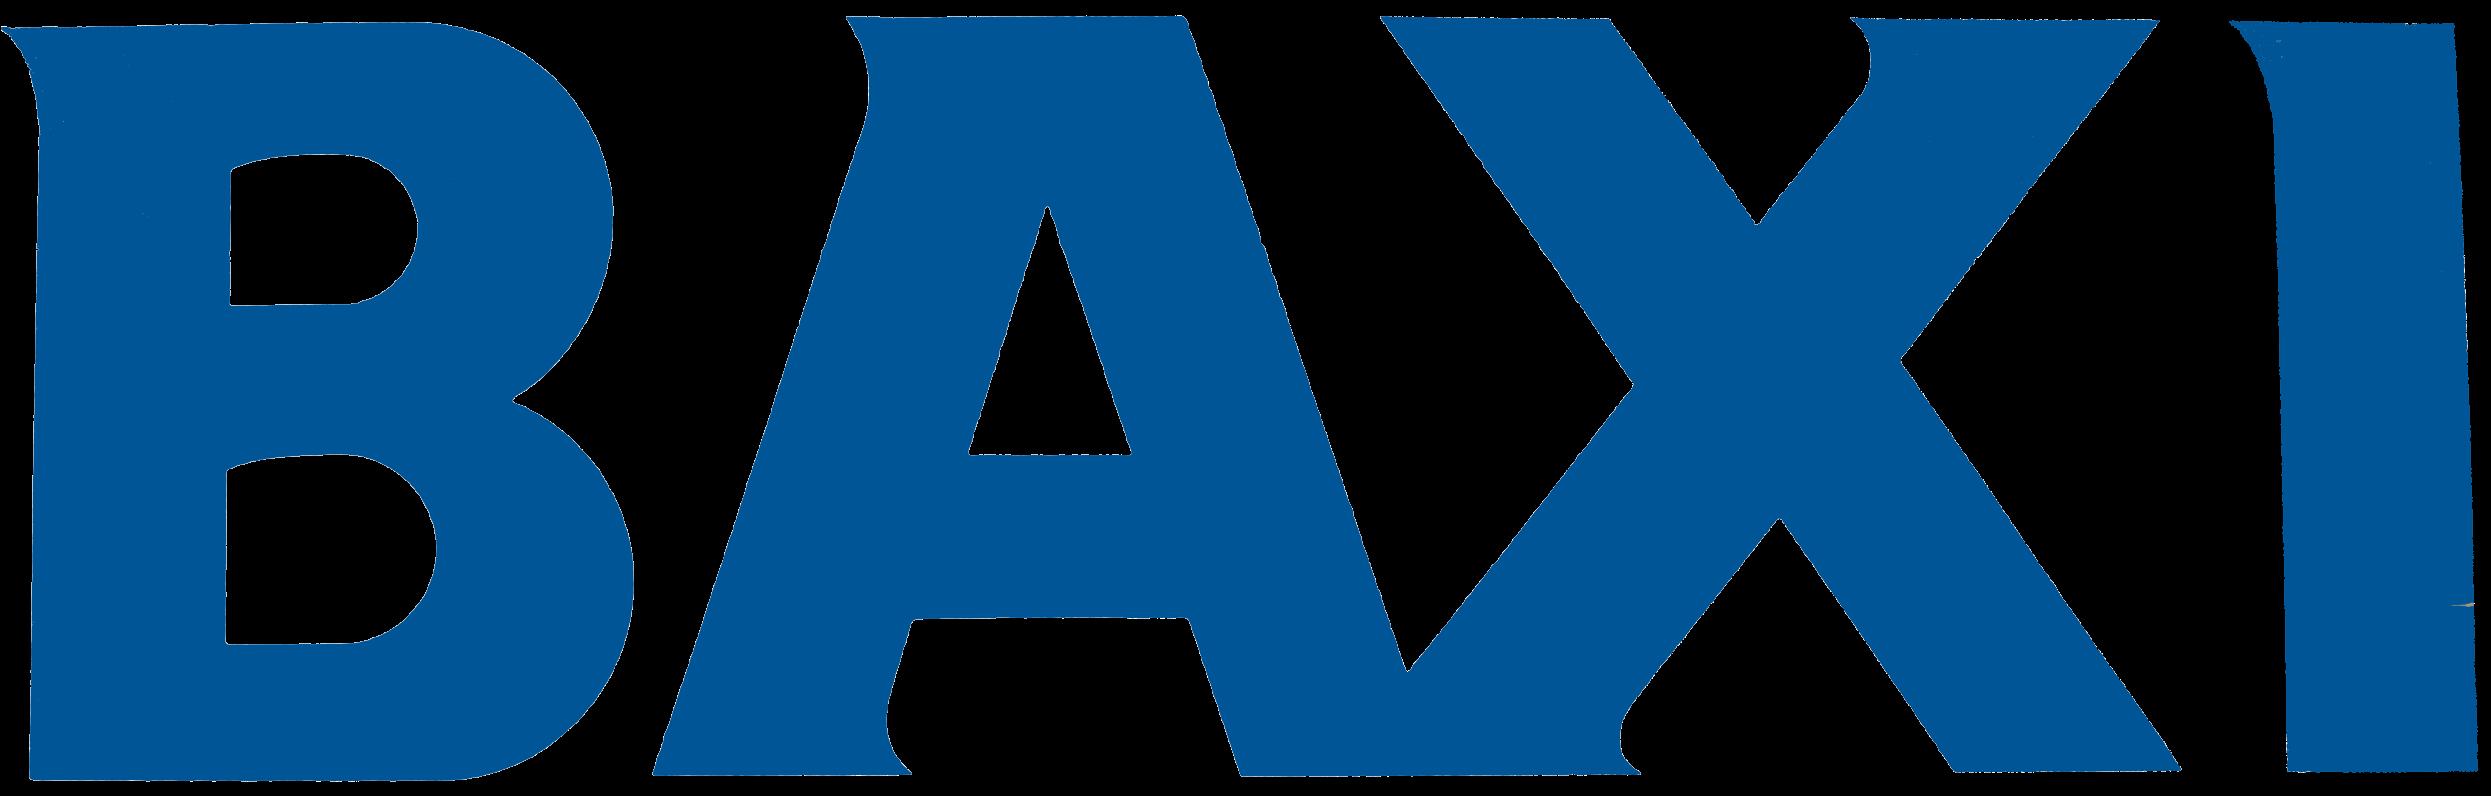 Baxi-1